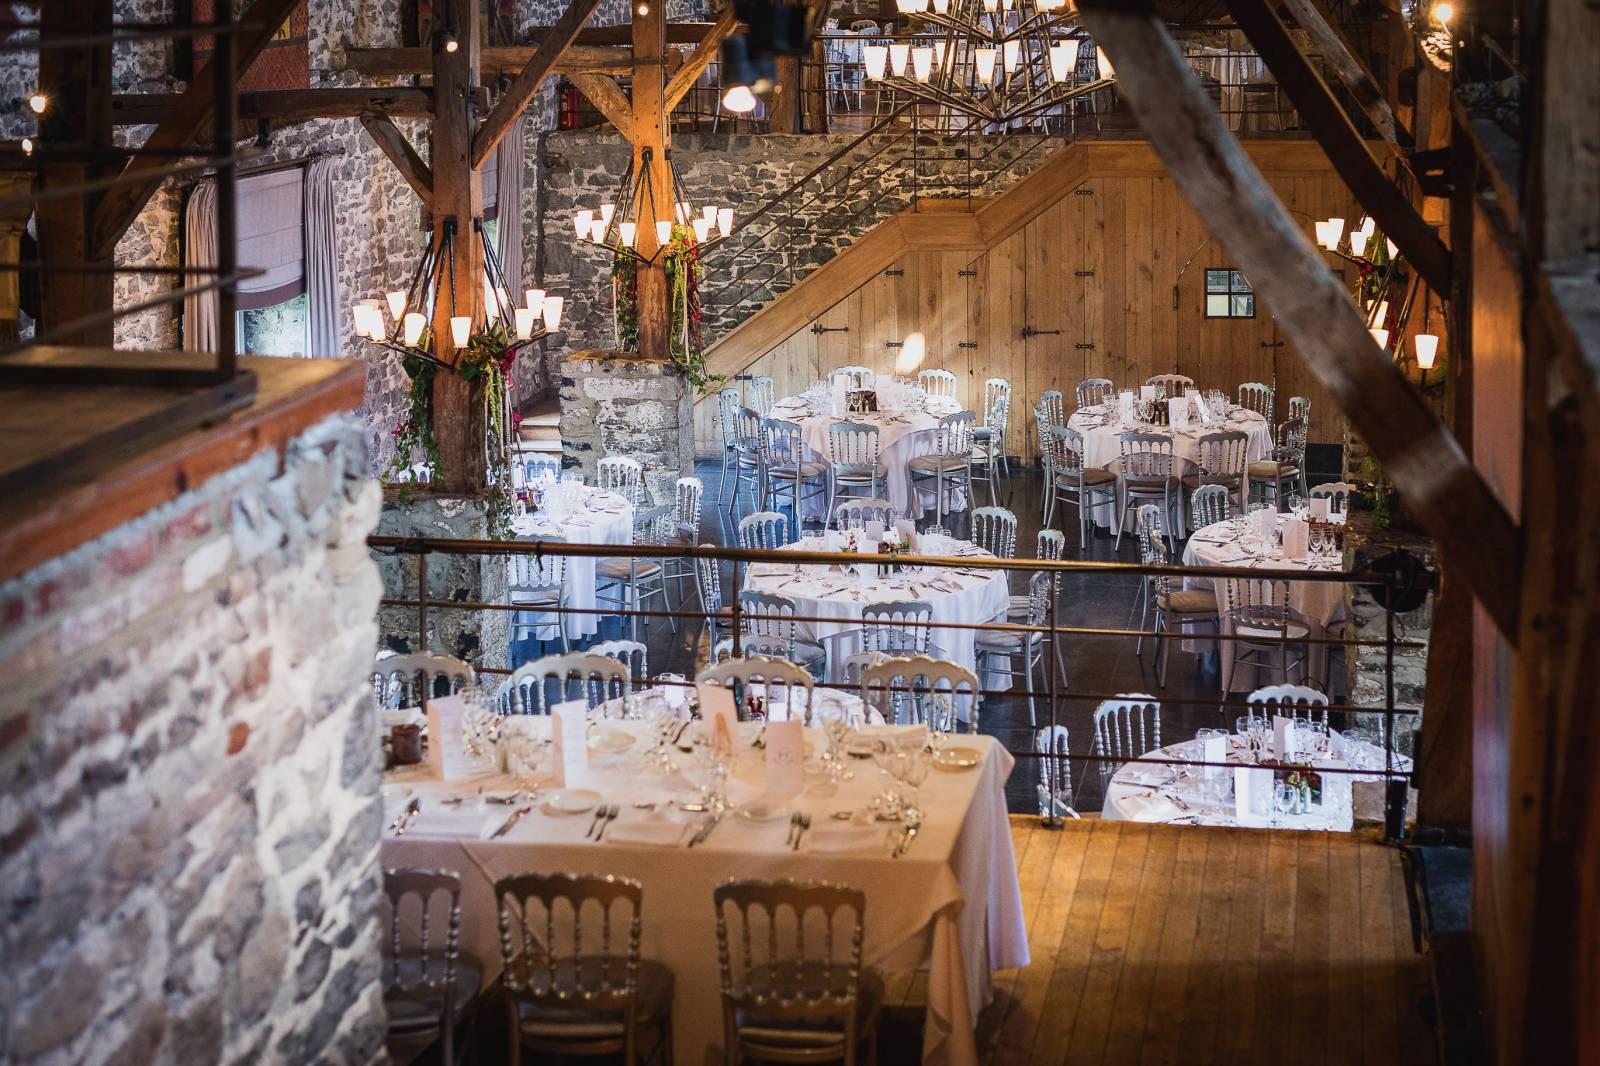 Château de la Rocq - venue - House of Weddings - 2